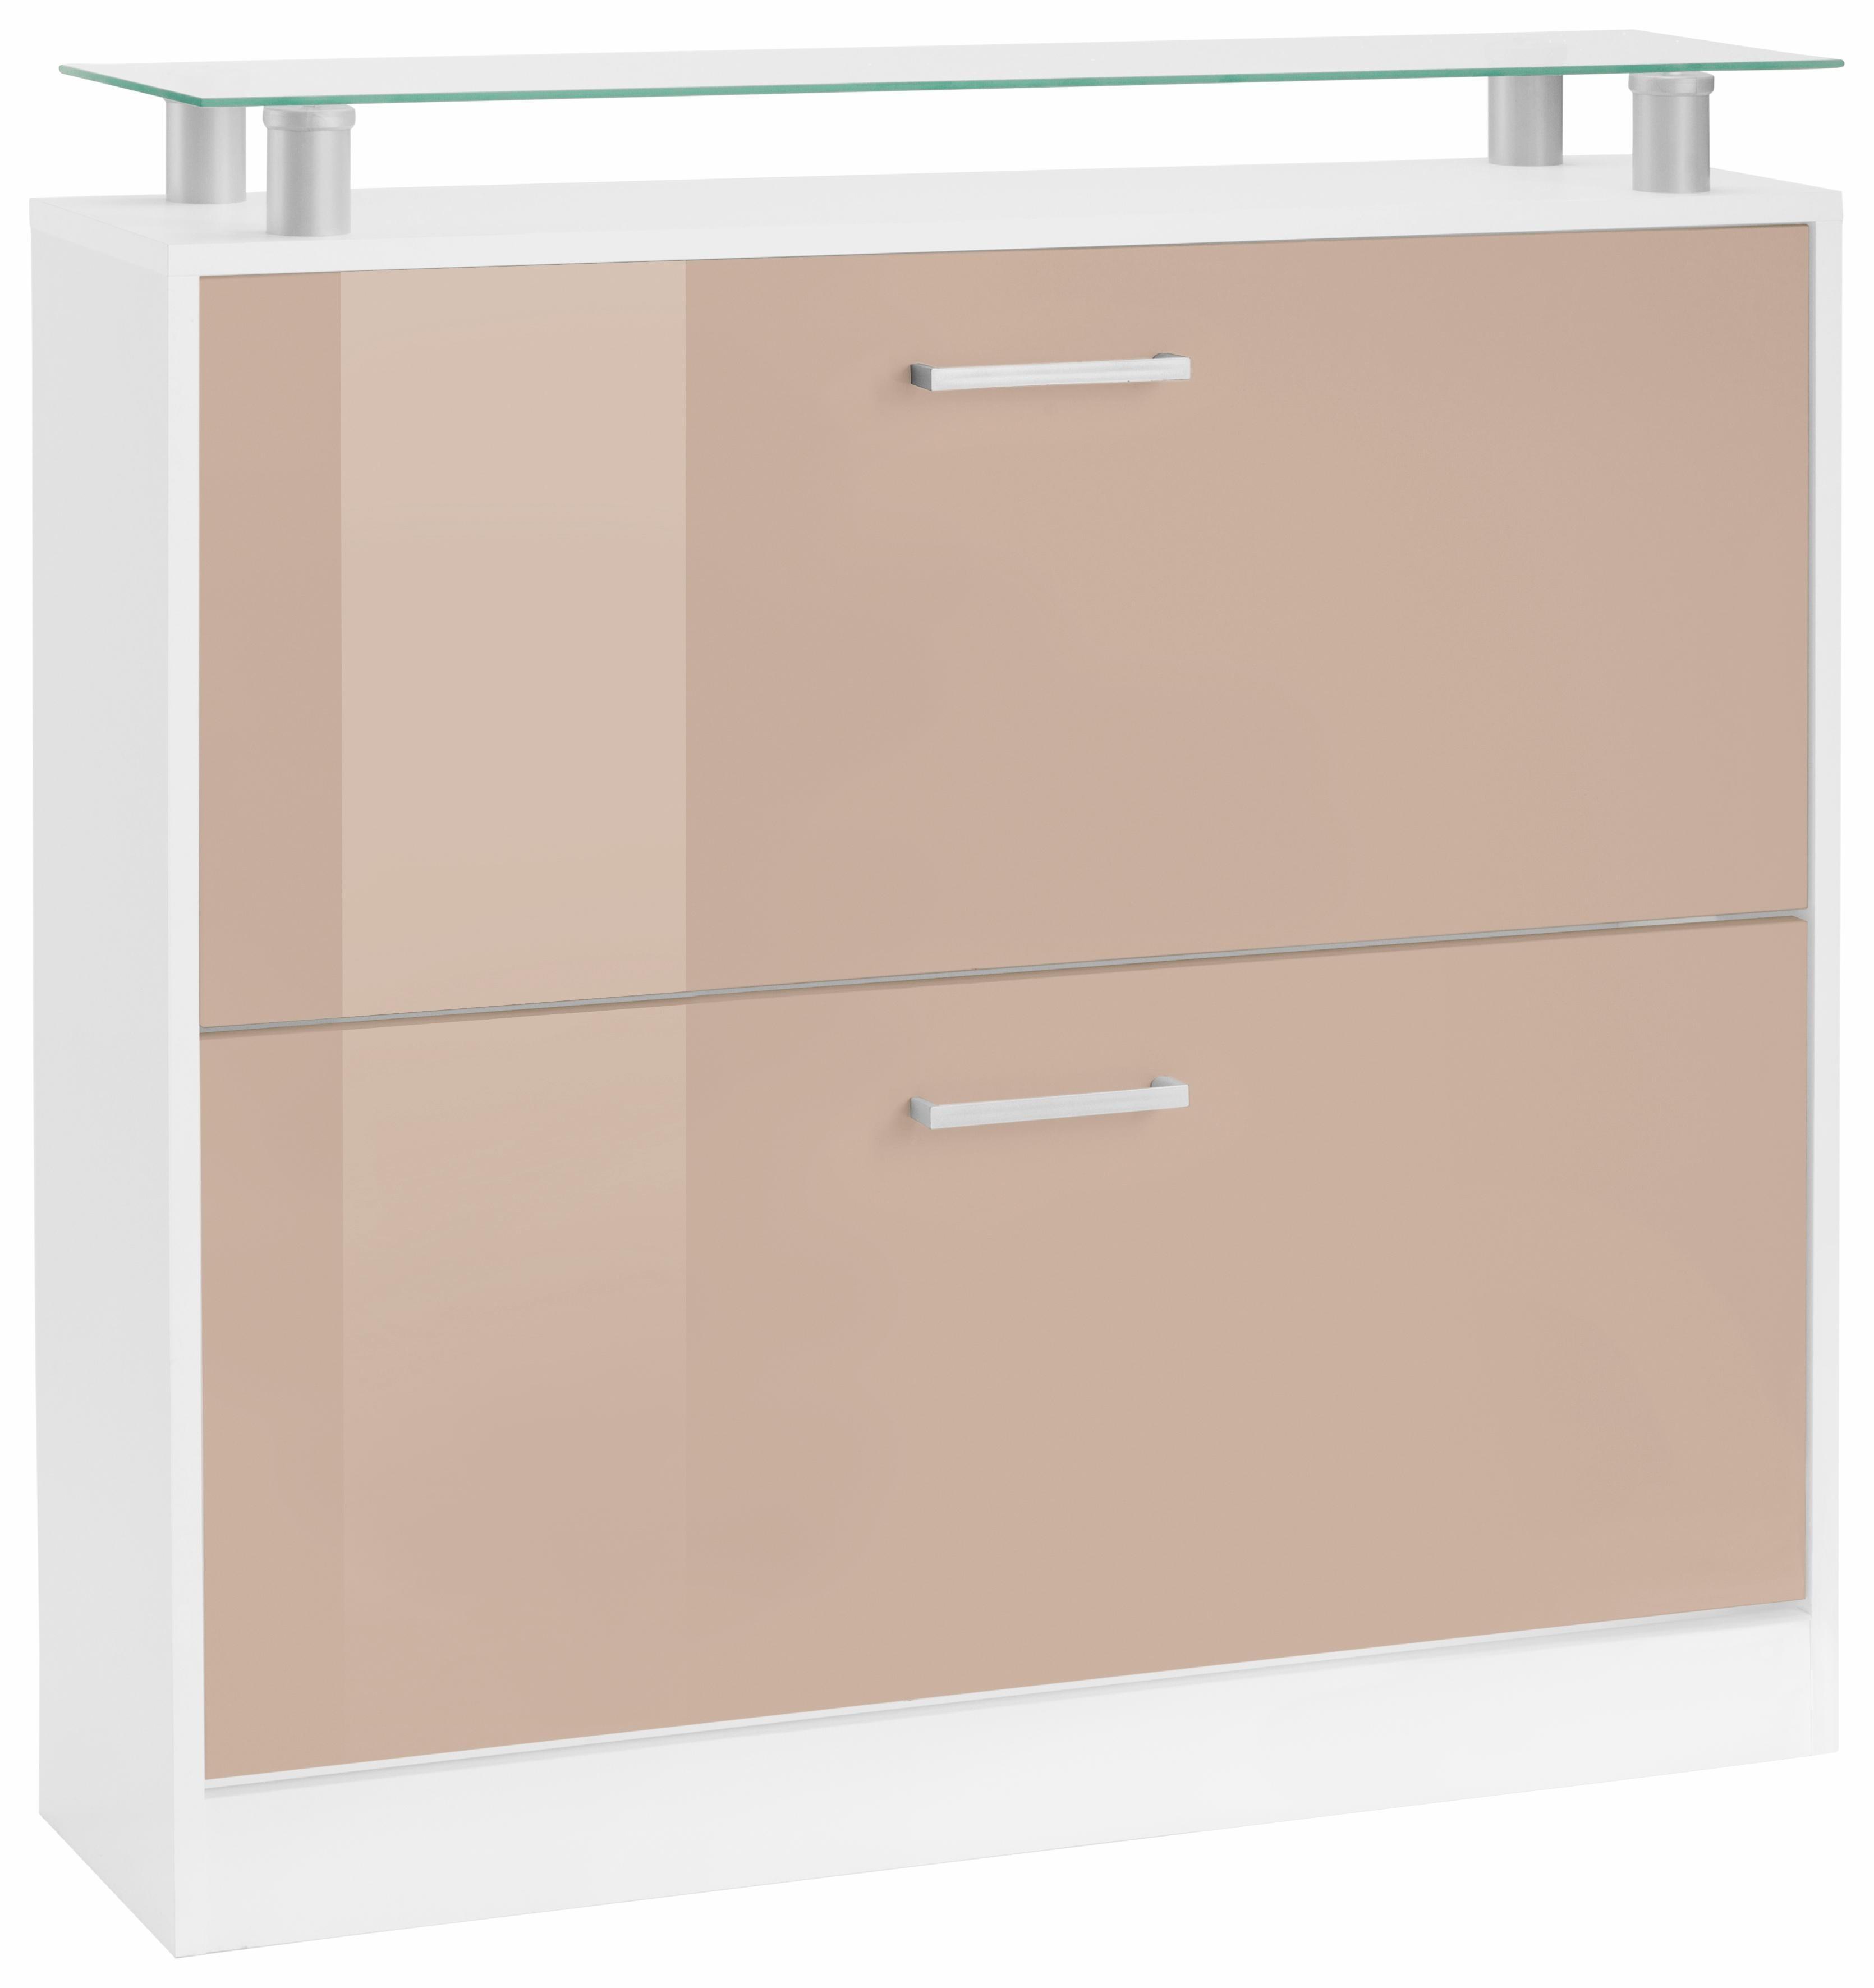 Borchardt Möbel Schuhschrank »Finn«, Breite 89 cm, mit Glasablage | Flur & Diele > Schuhschränke und Kommoden > Schuhschränke | Hochglanz - Weiß | Hochglanz - Melamin | borchardt Möbel